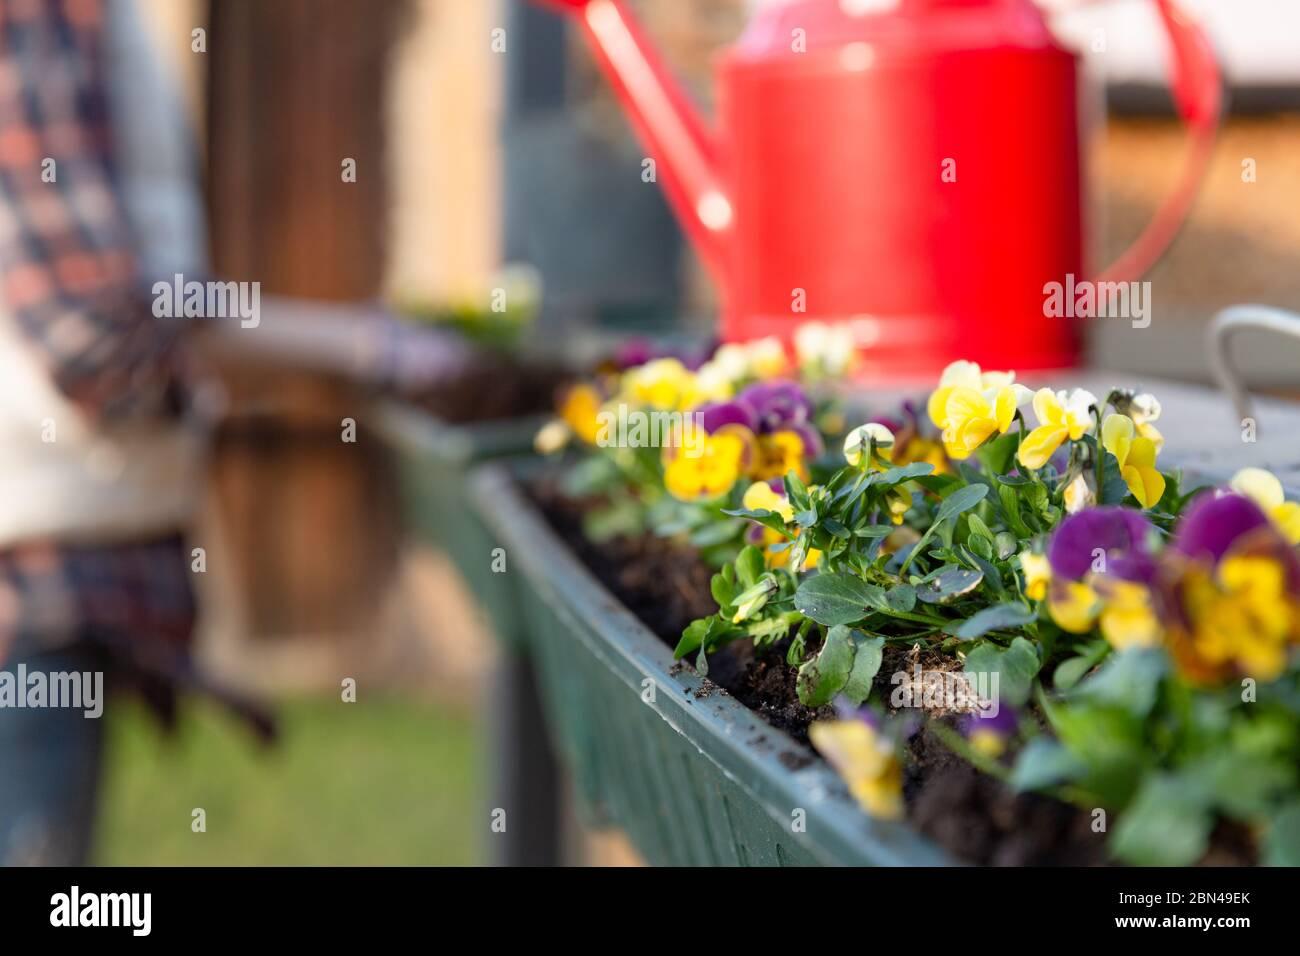 Jardineros manos plantar flores en maceta con tierra o suelo en contenedor en balcón terraza jardín. Concepto de jardinería Foto de stock